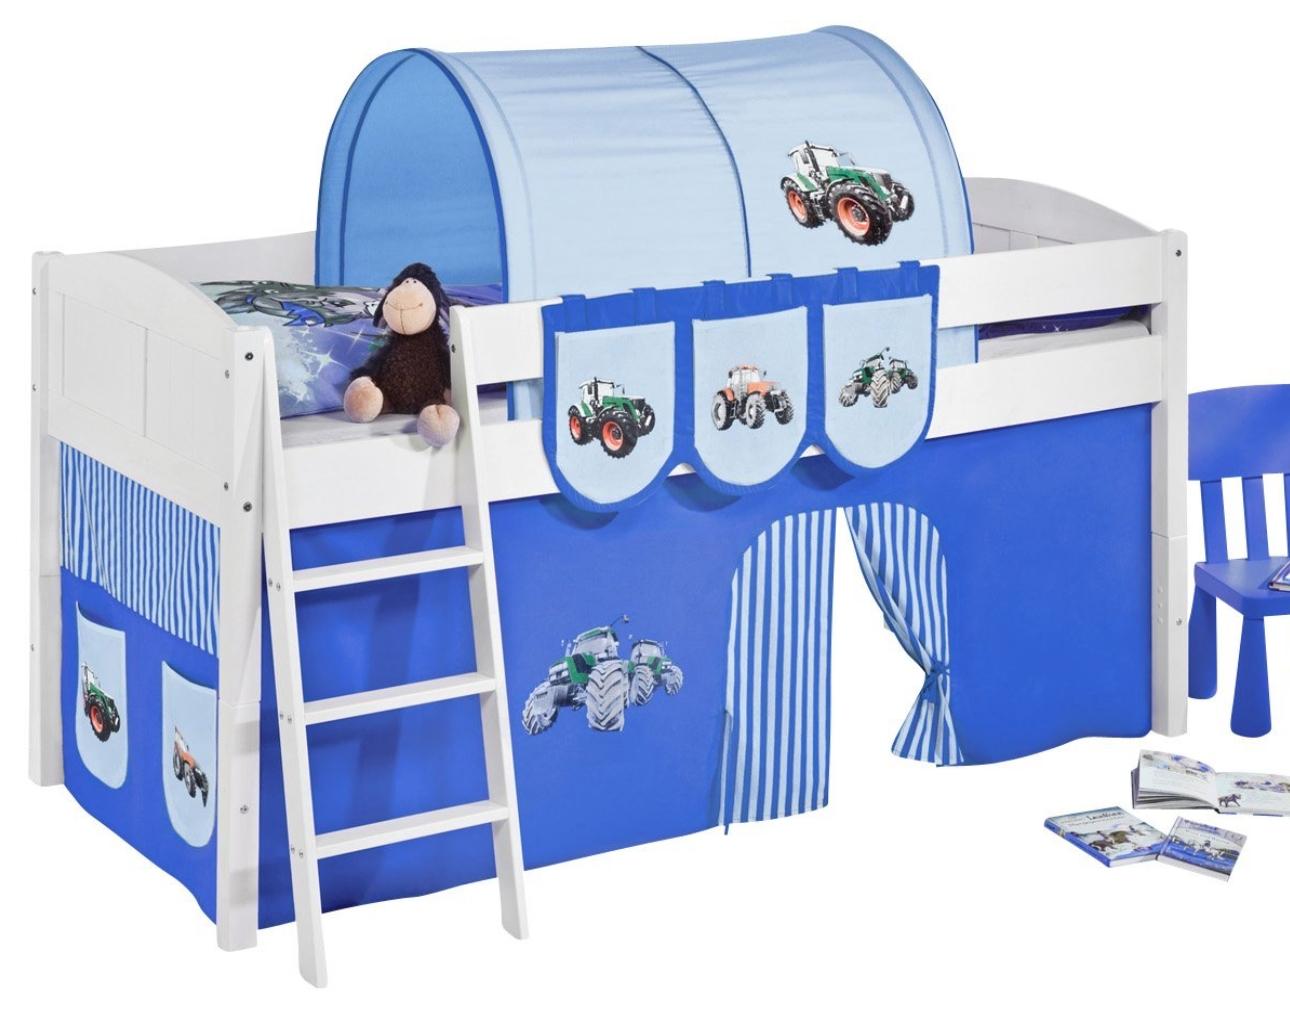 lit sur lev blanc laqu rideau tracteur bleu ida 4106 sommier sans sommier sans matelas. Black Bedroom Furniture Sets. Home Design Ideas